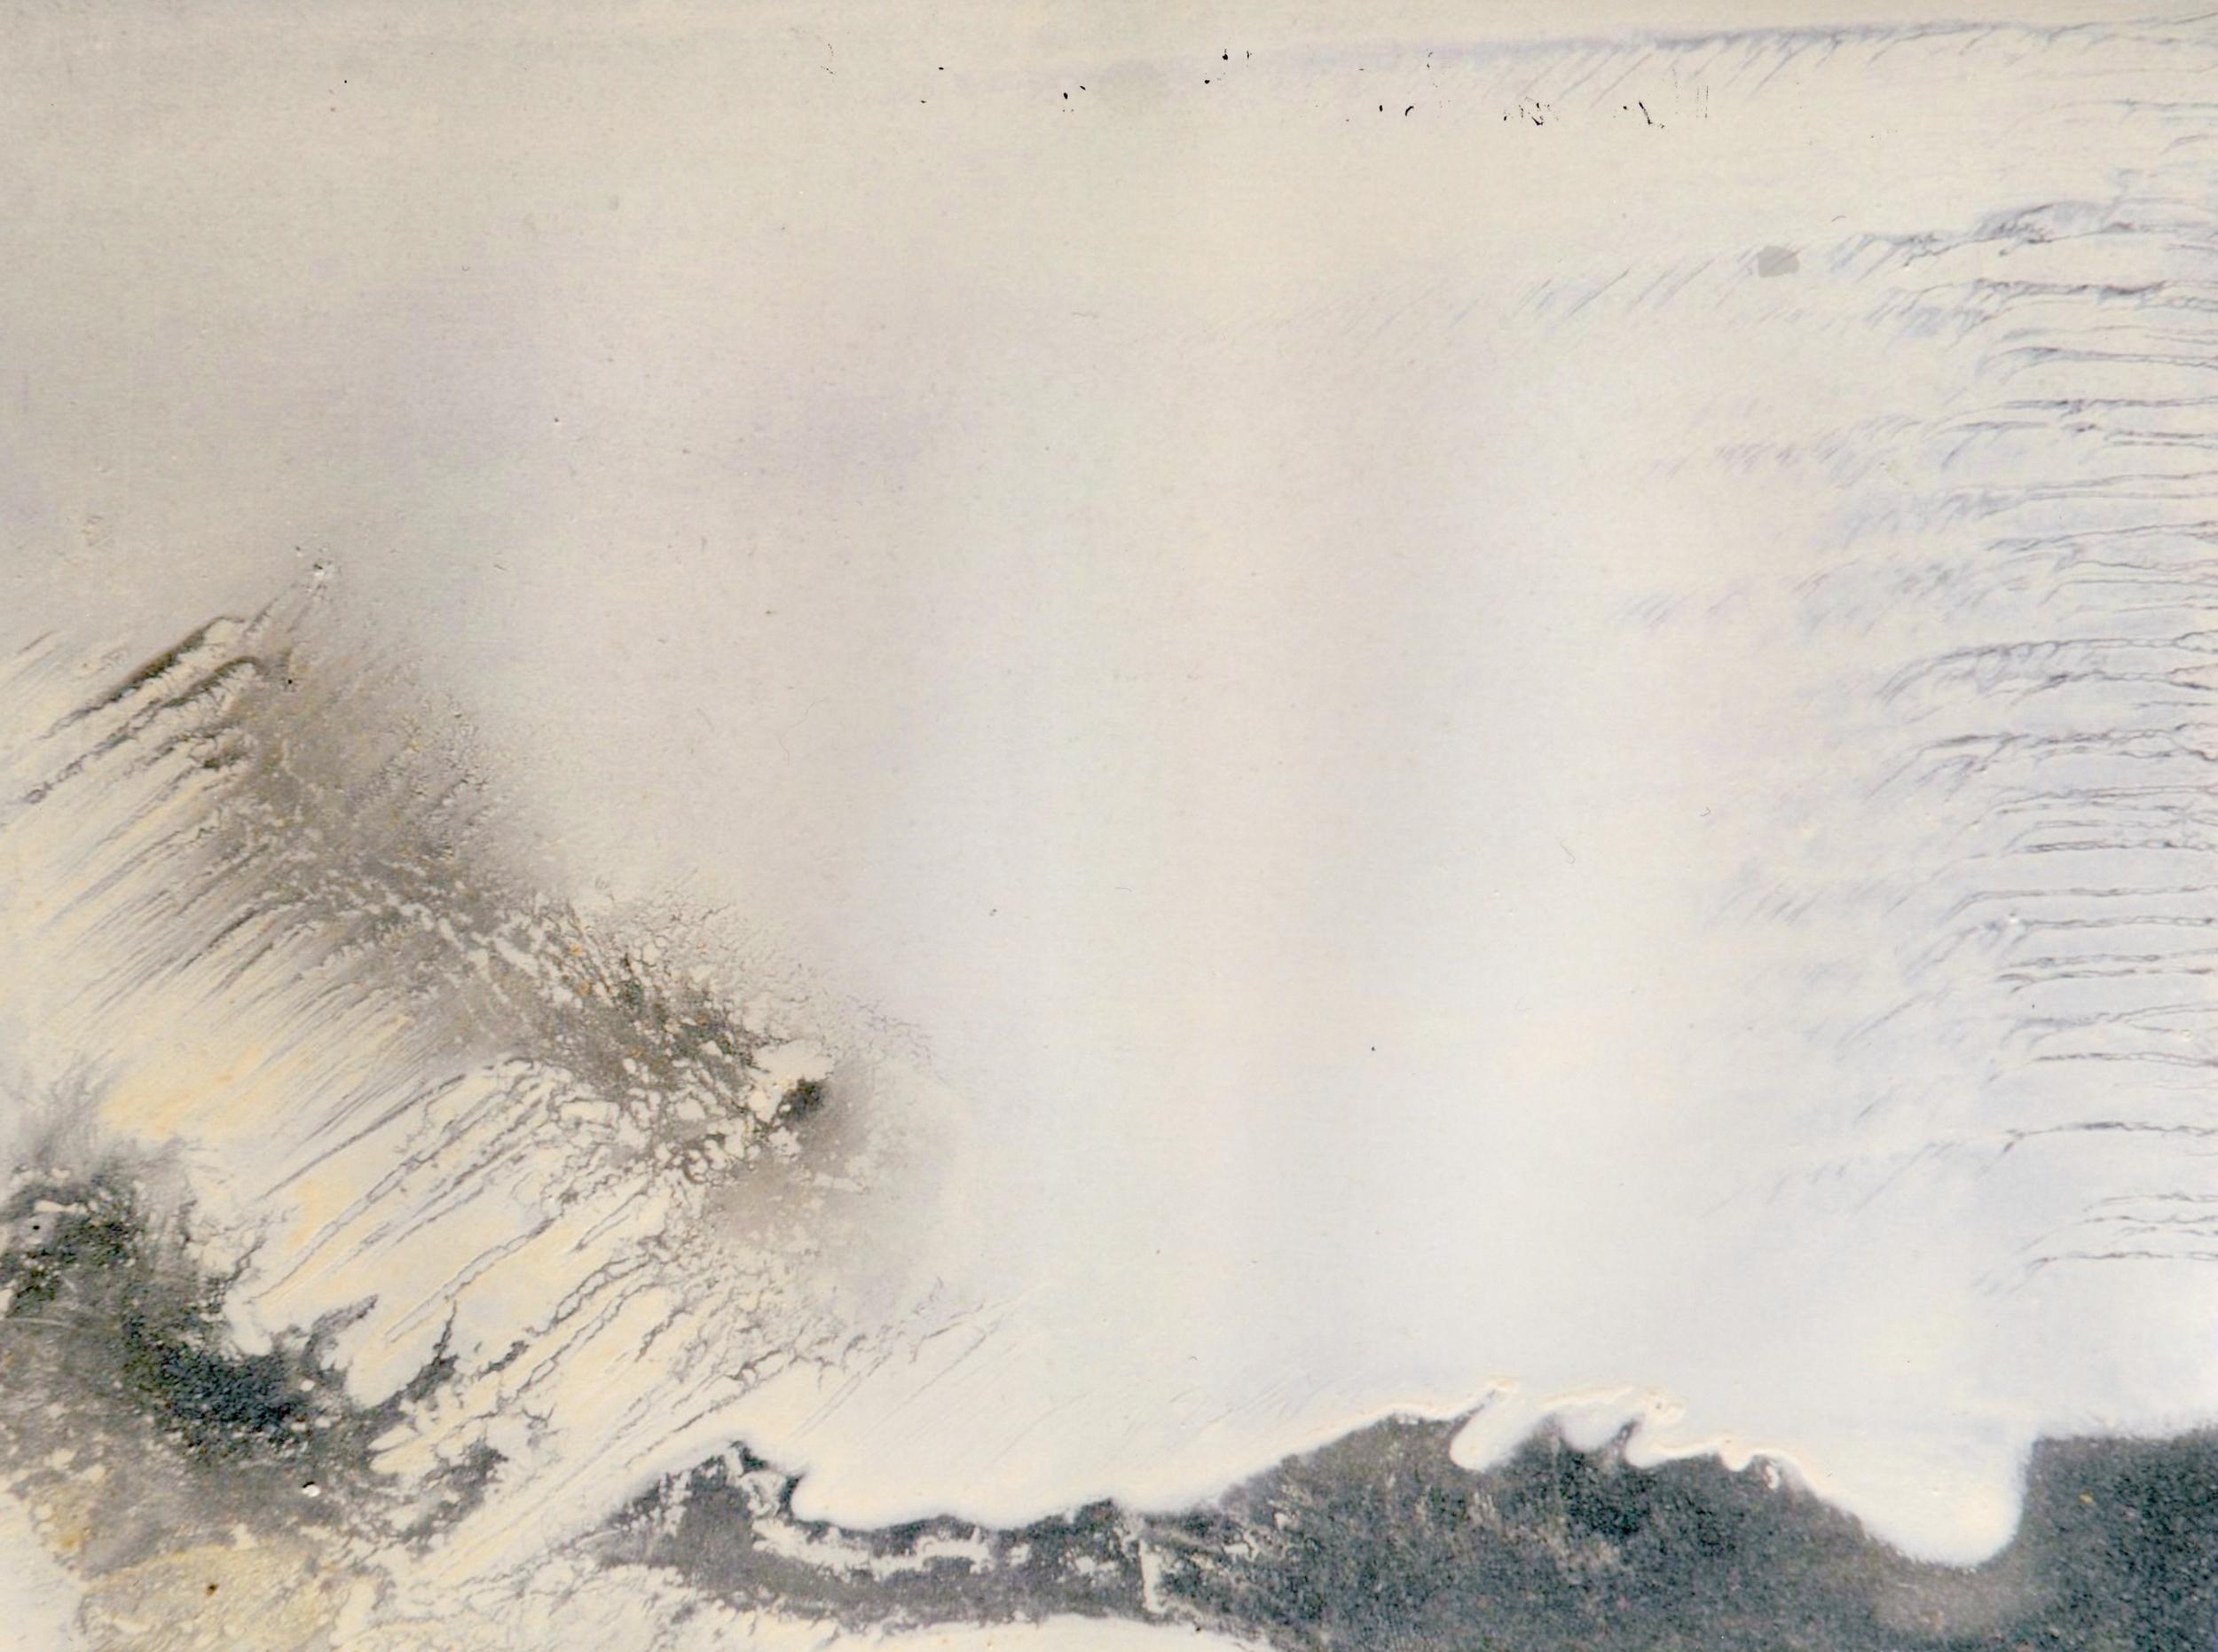 n.2,1980, dalla serie 'Le quattro stagioni', olio su lastra d'alluminio, cm 18x 24  n.2,1980, from the series 'Le quattro stagioni', oil on aluminium plate, cm 18x 24